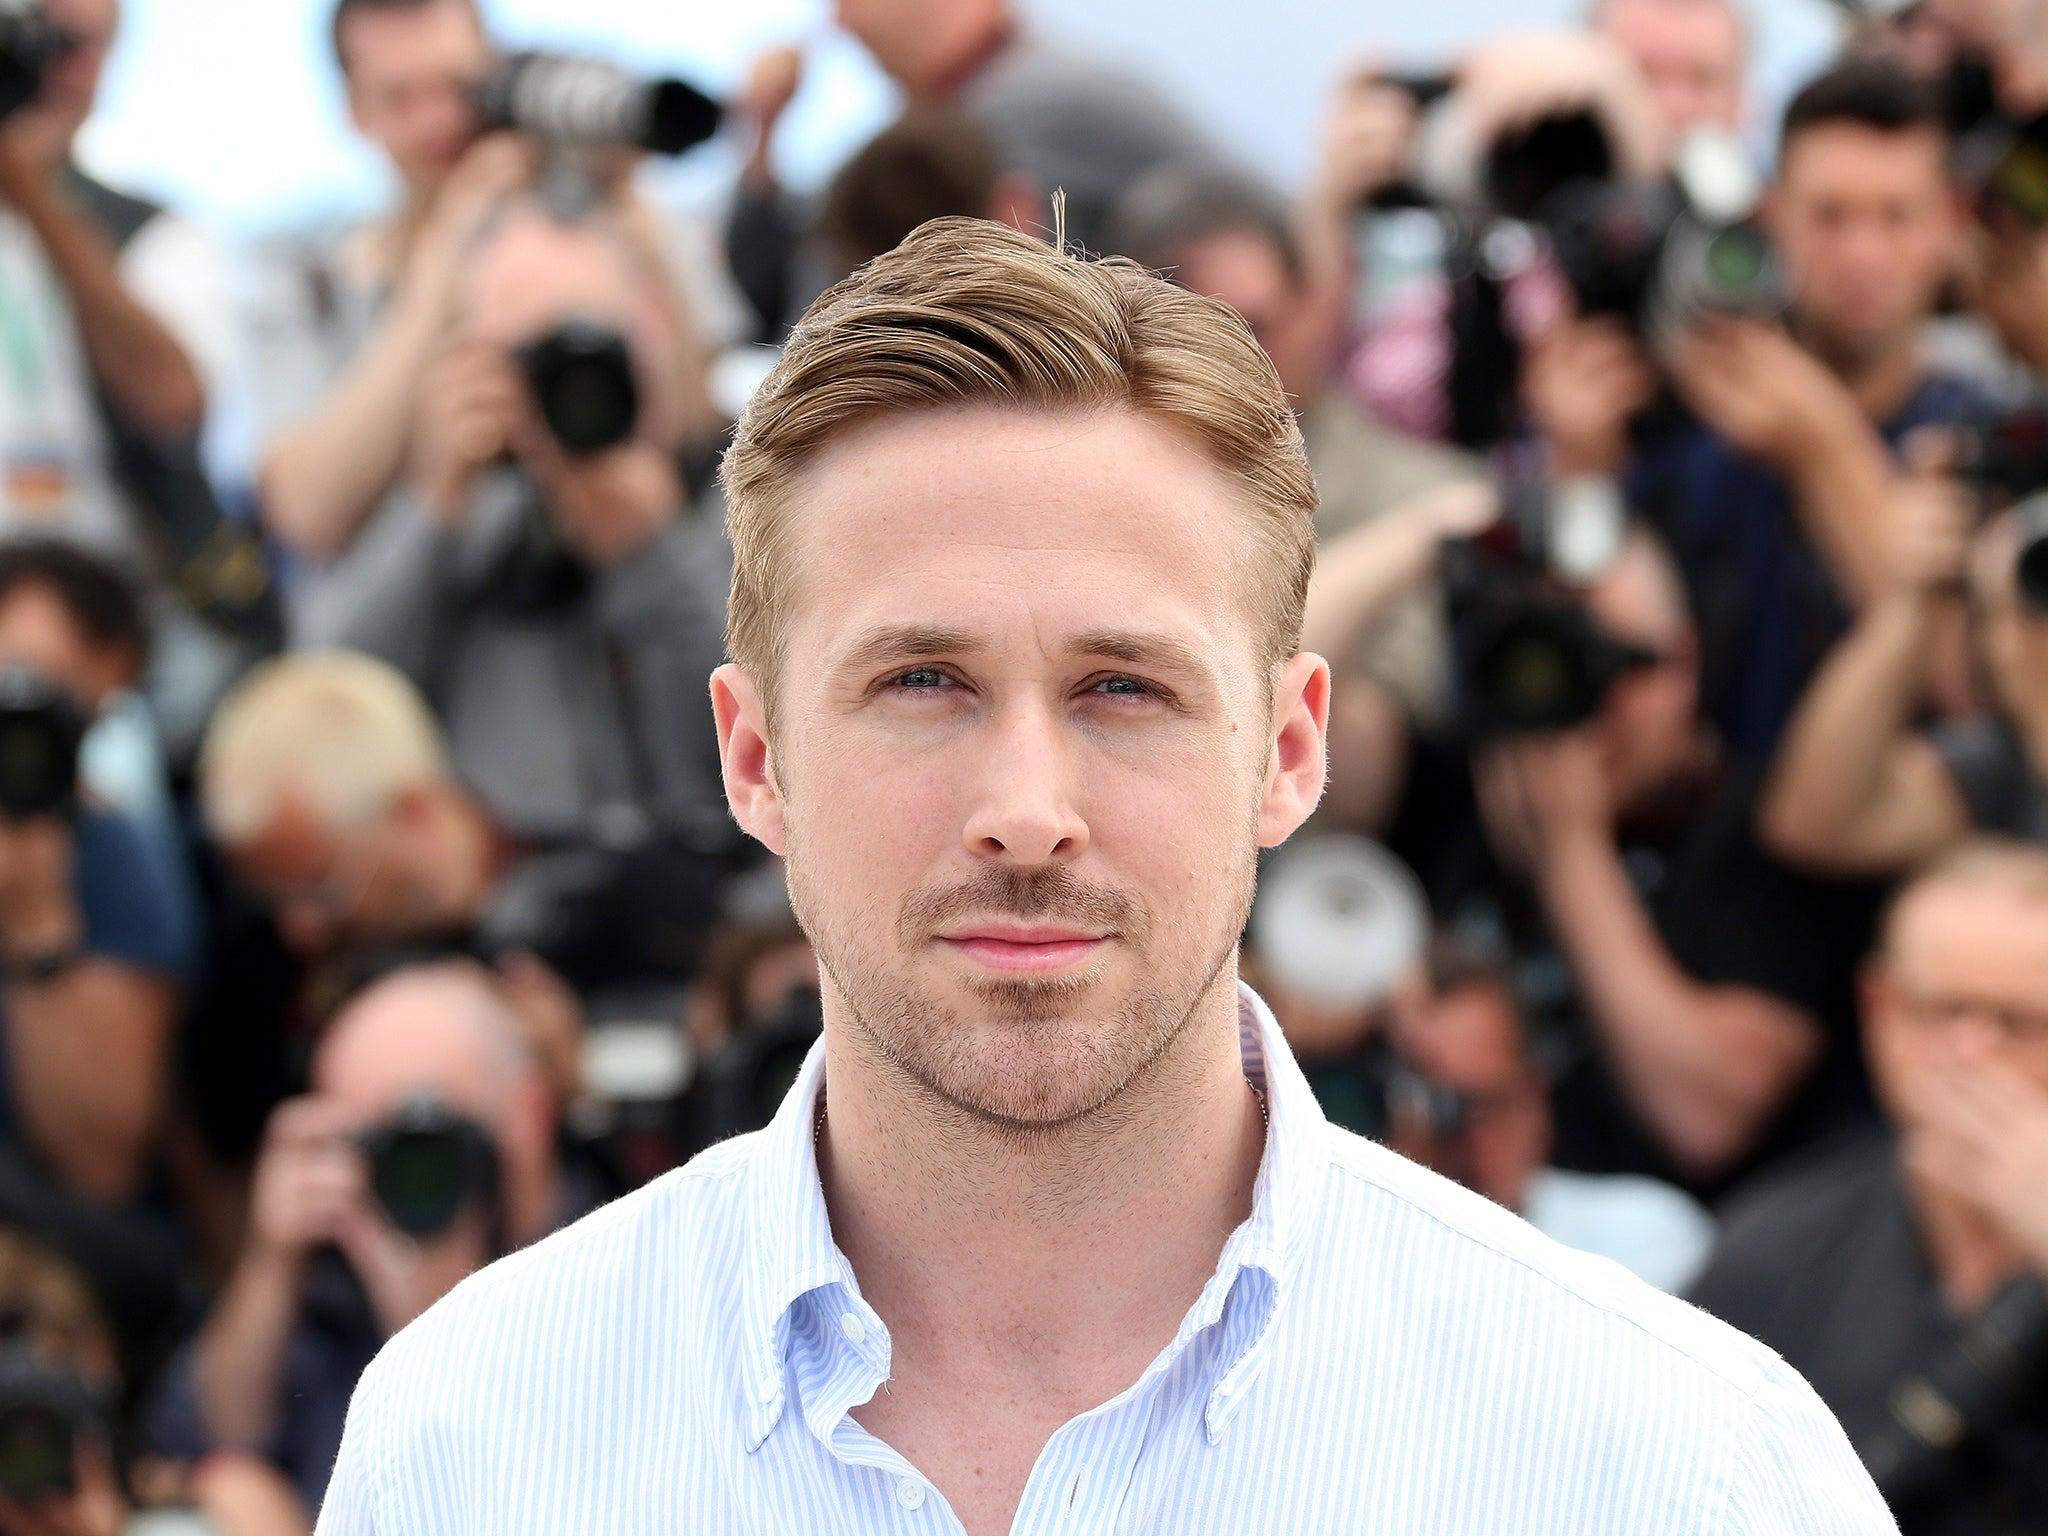 Ryan Gosling doesn't understand the 'Hey Girl' feminist memes | The ... Ryan Gosling